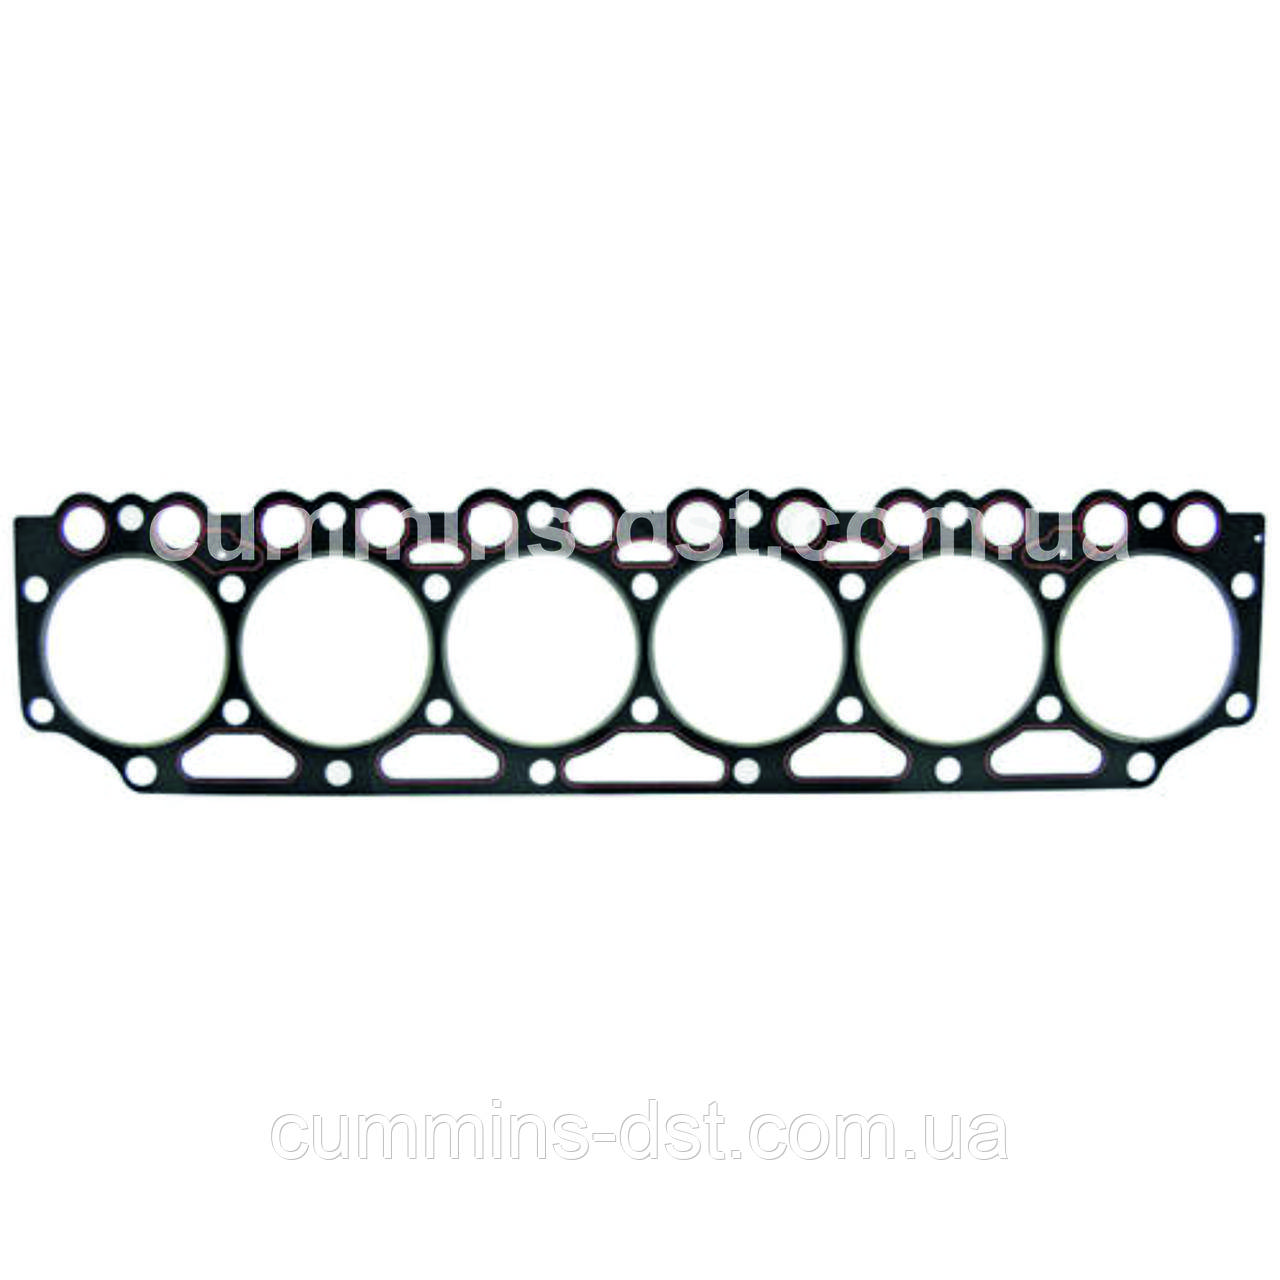 Прокладка головки блока цилиндров (3метки) для DeutzBF6M1012 04197080/ 04209897/ 04283905